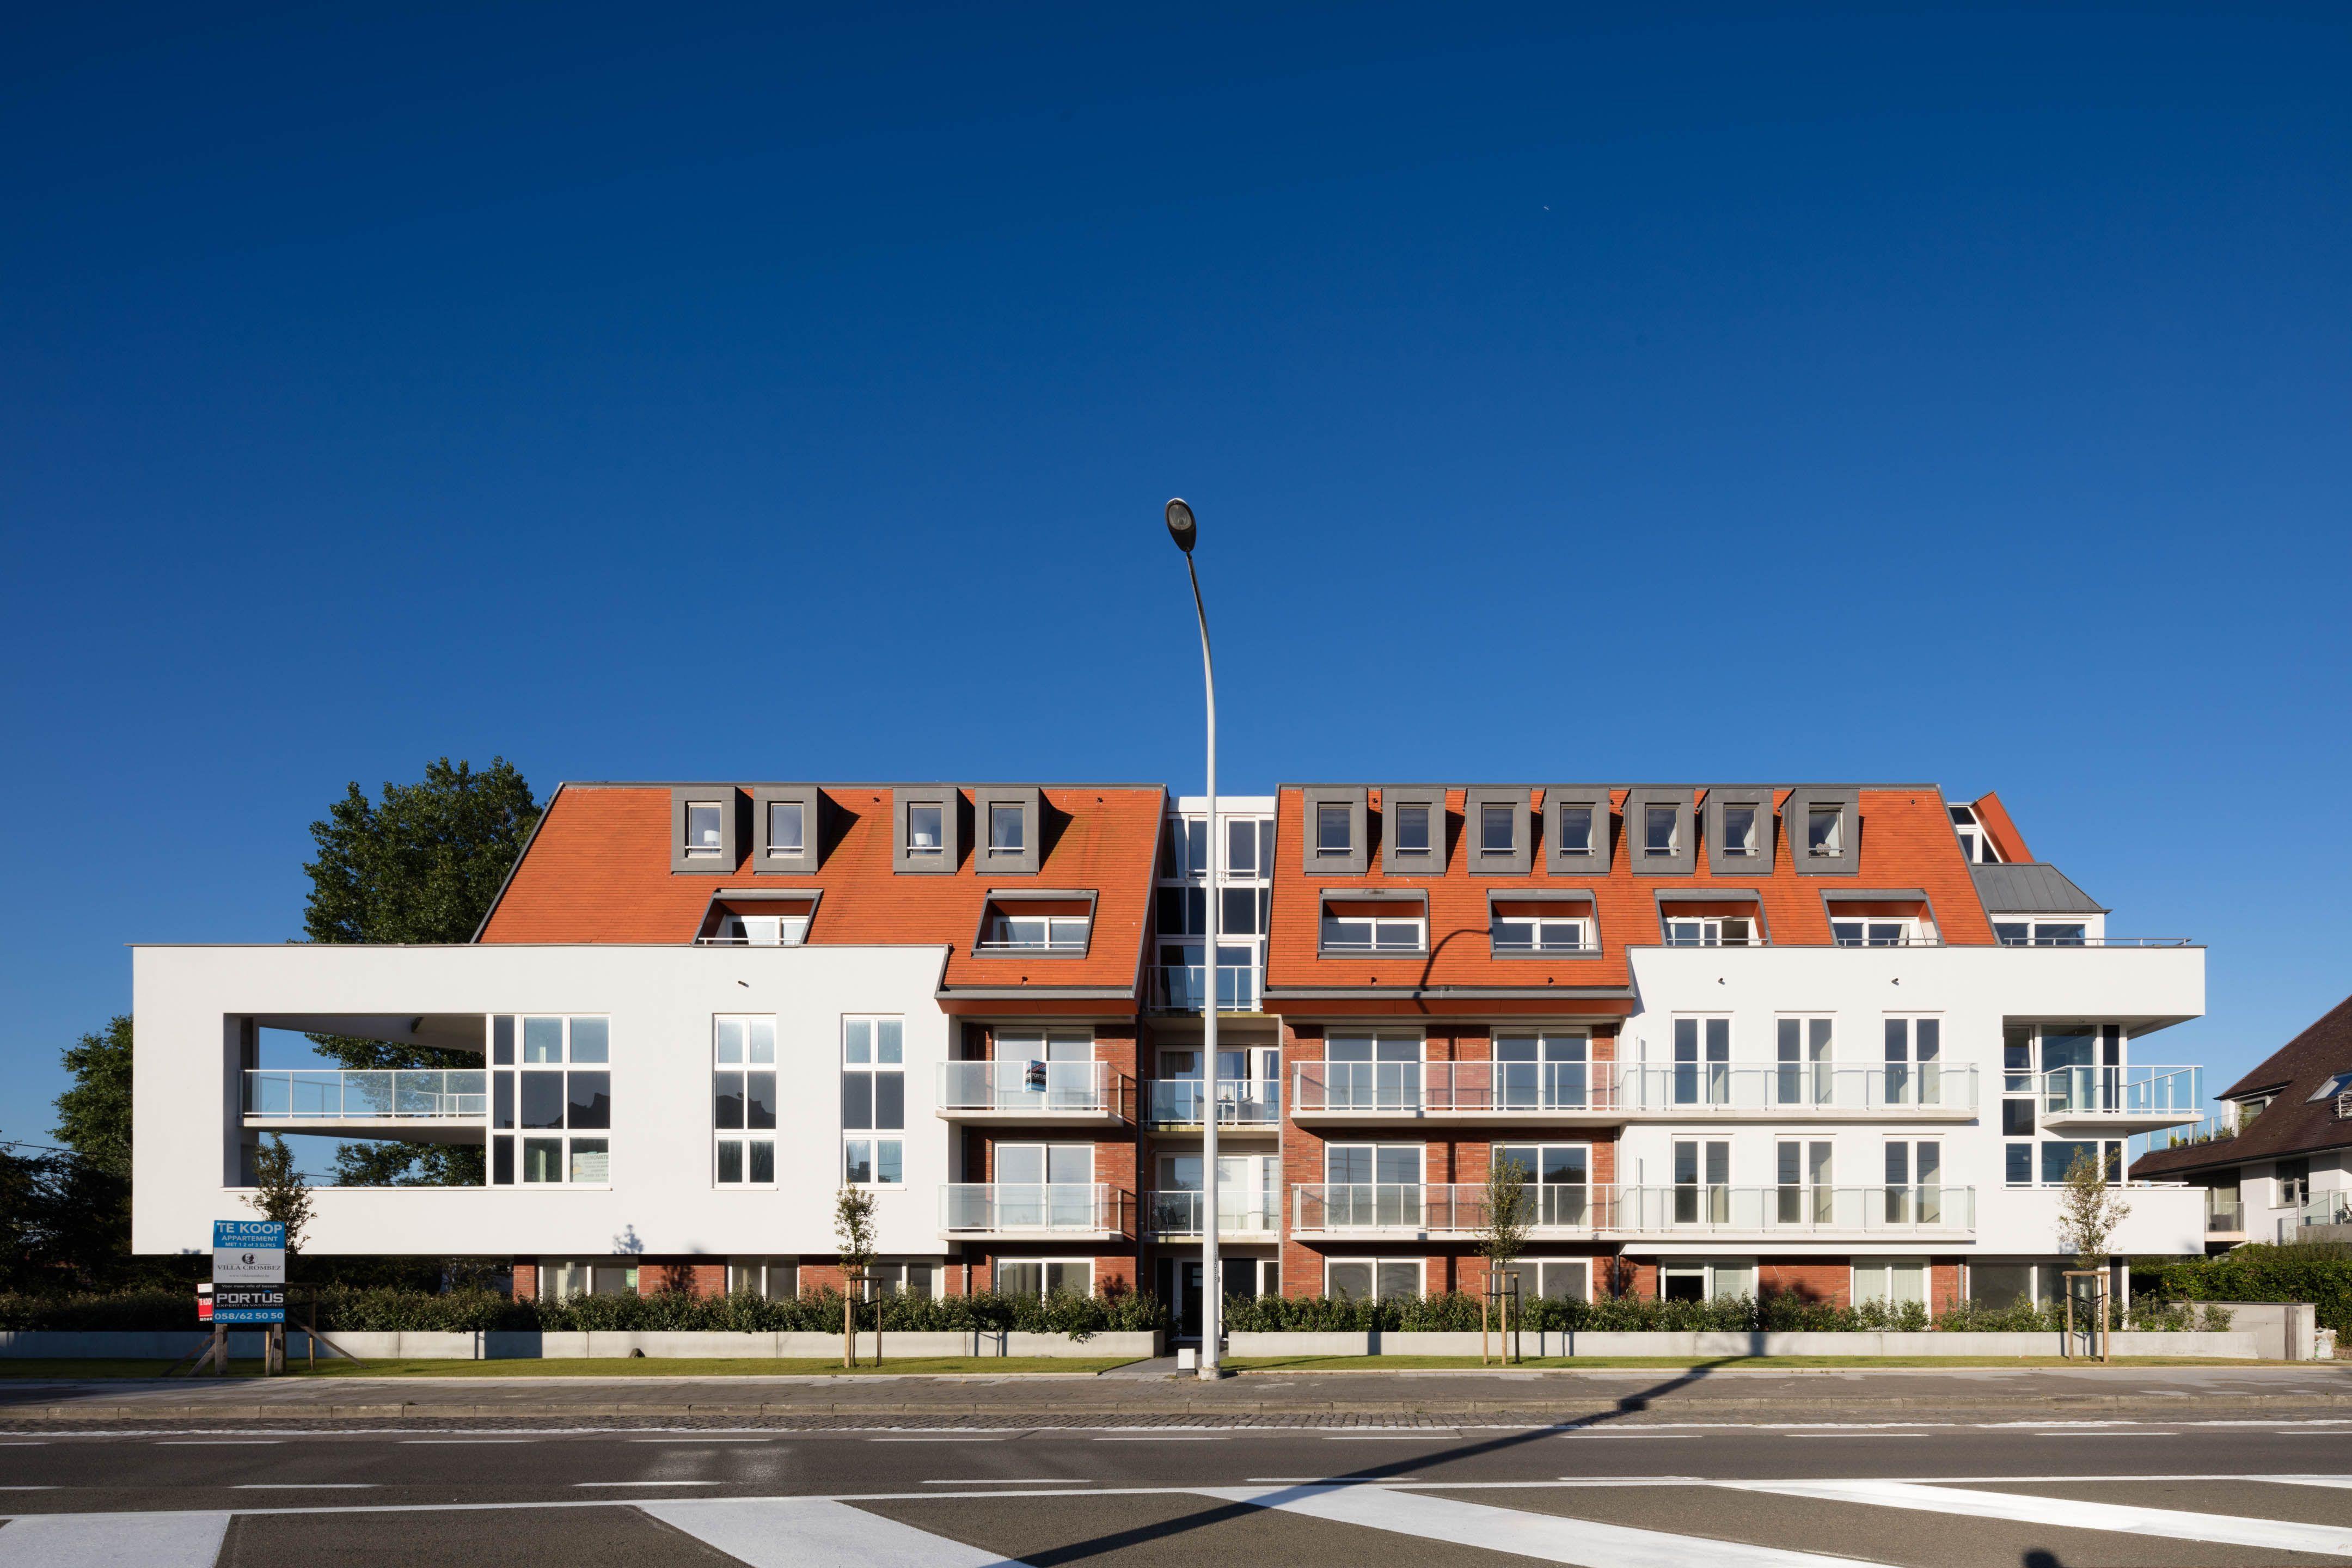 Appartement Residentie Villa Crombez Nieuwpoort - 9260